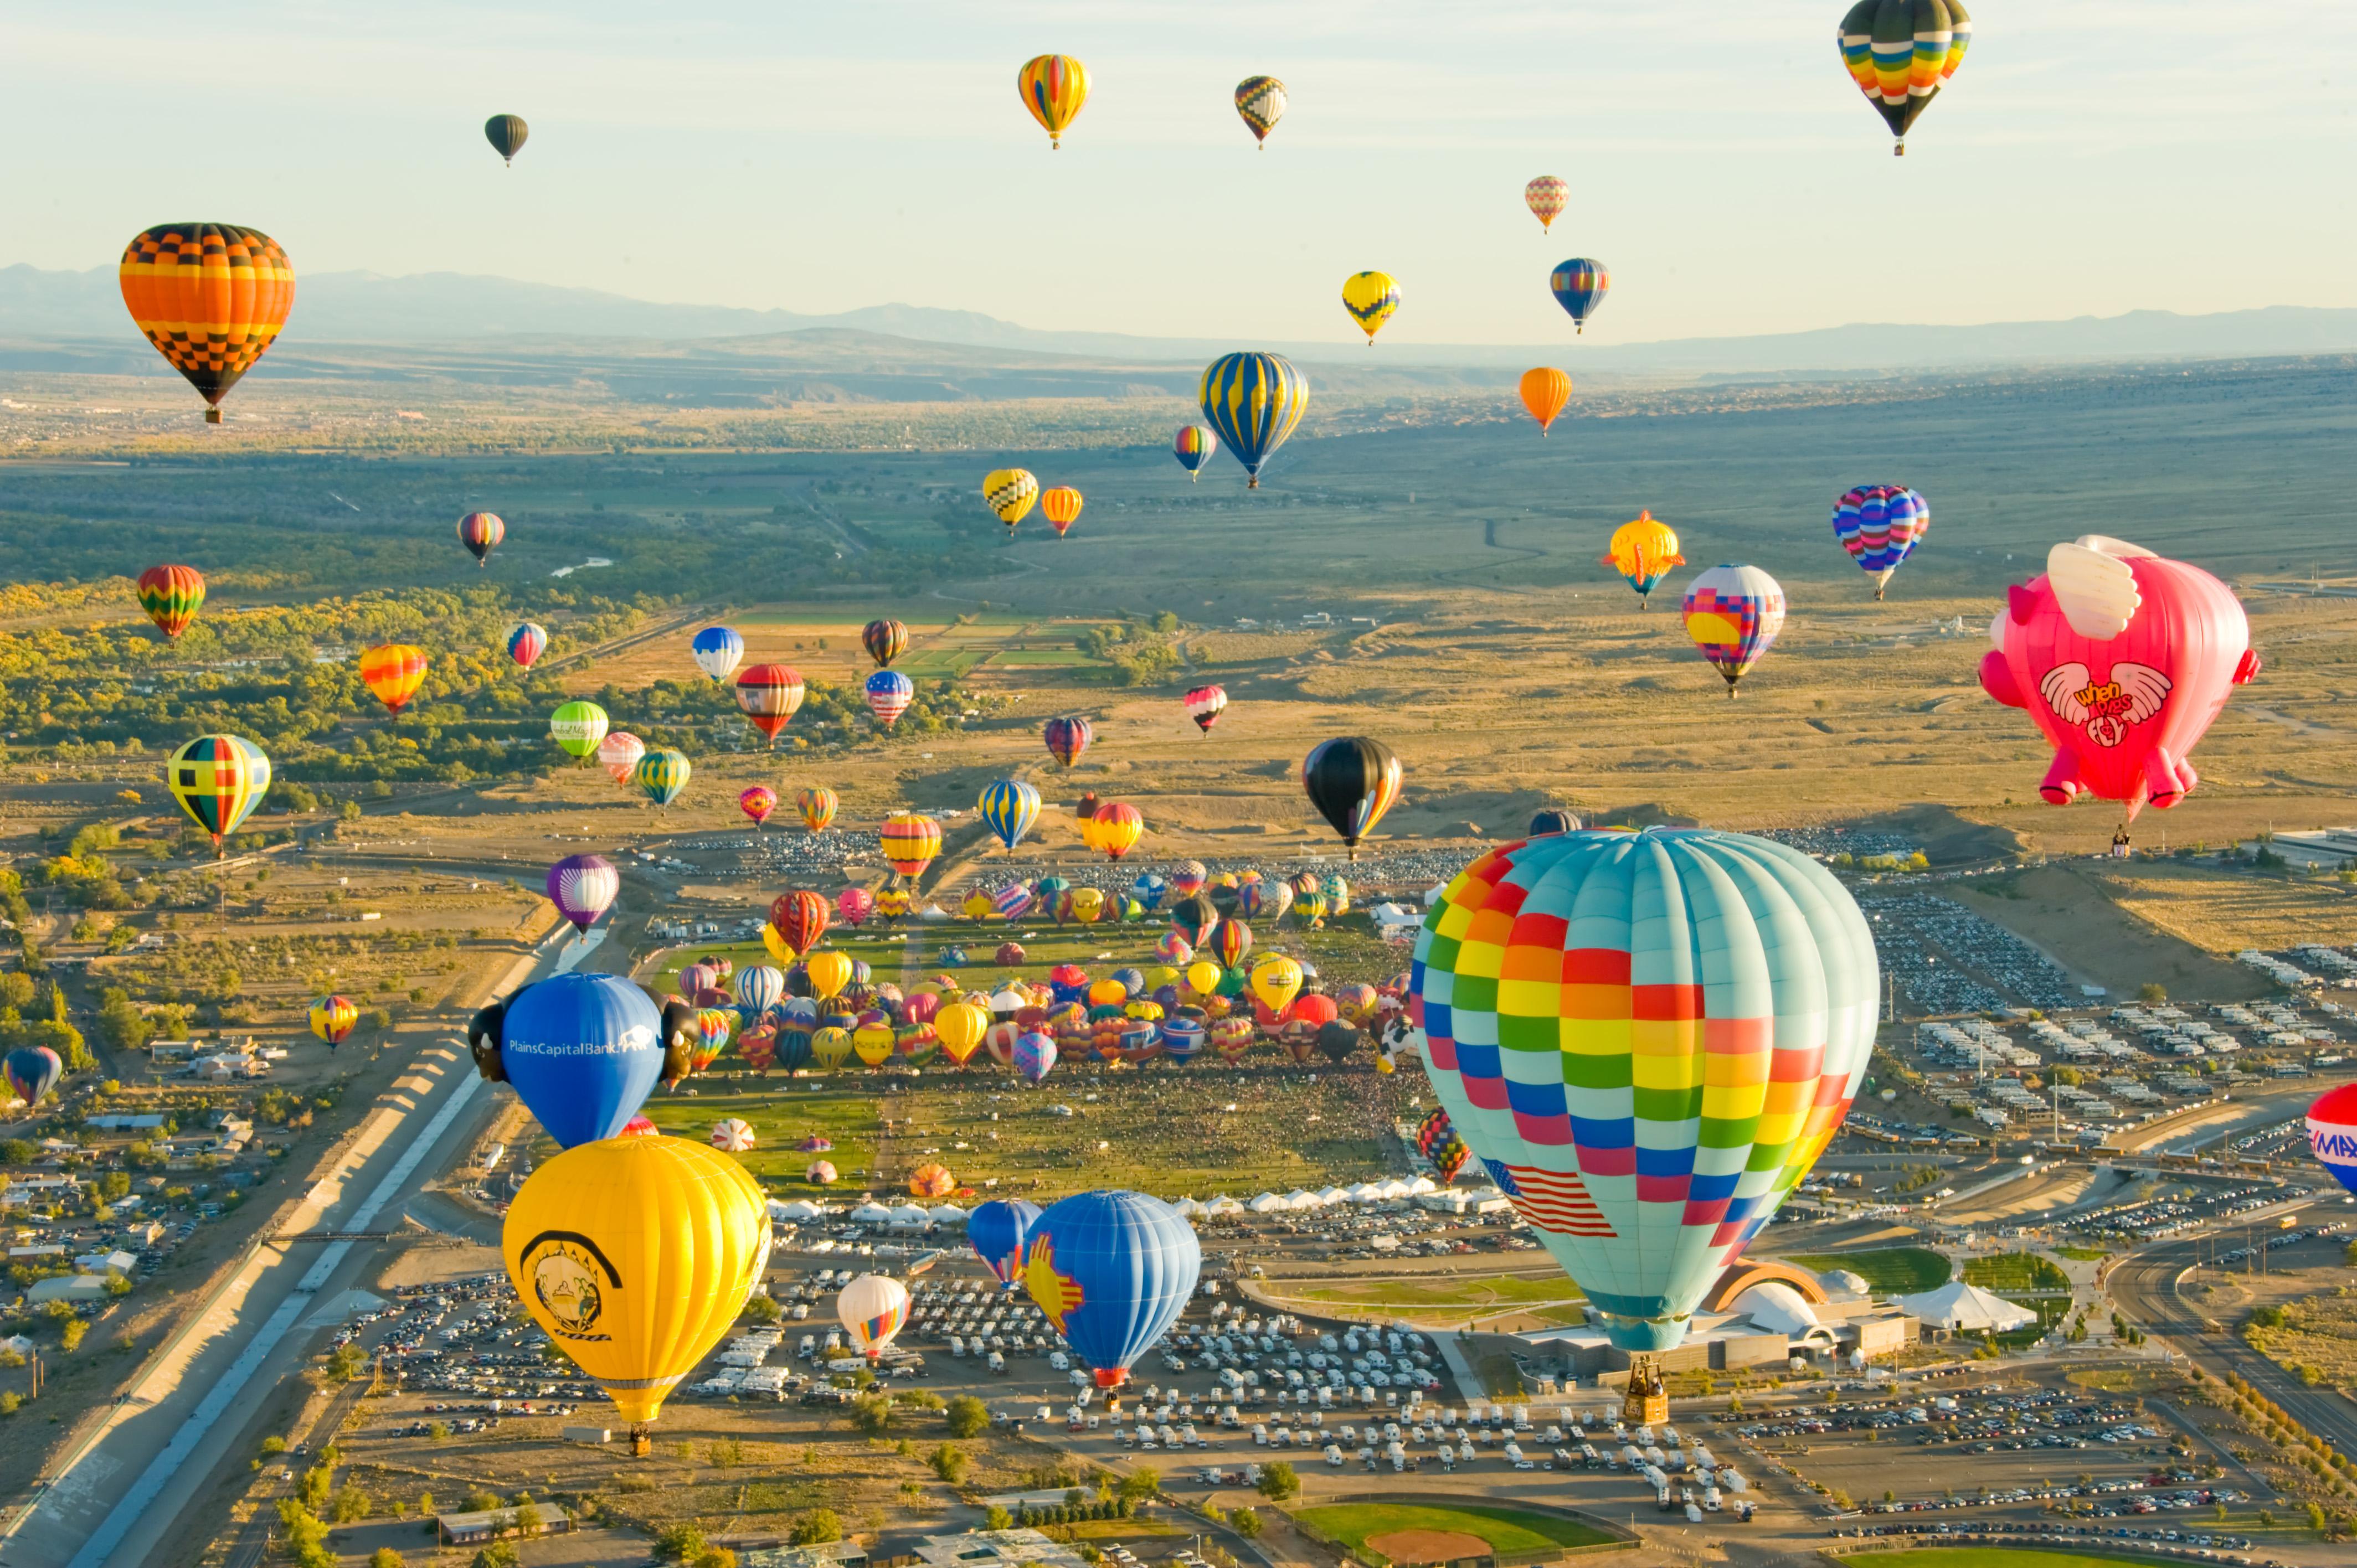 Летний фестиваль воздушных шаров Нью-Джерси: даже шар Дарта Вейдера